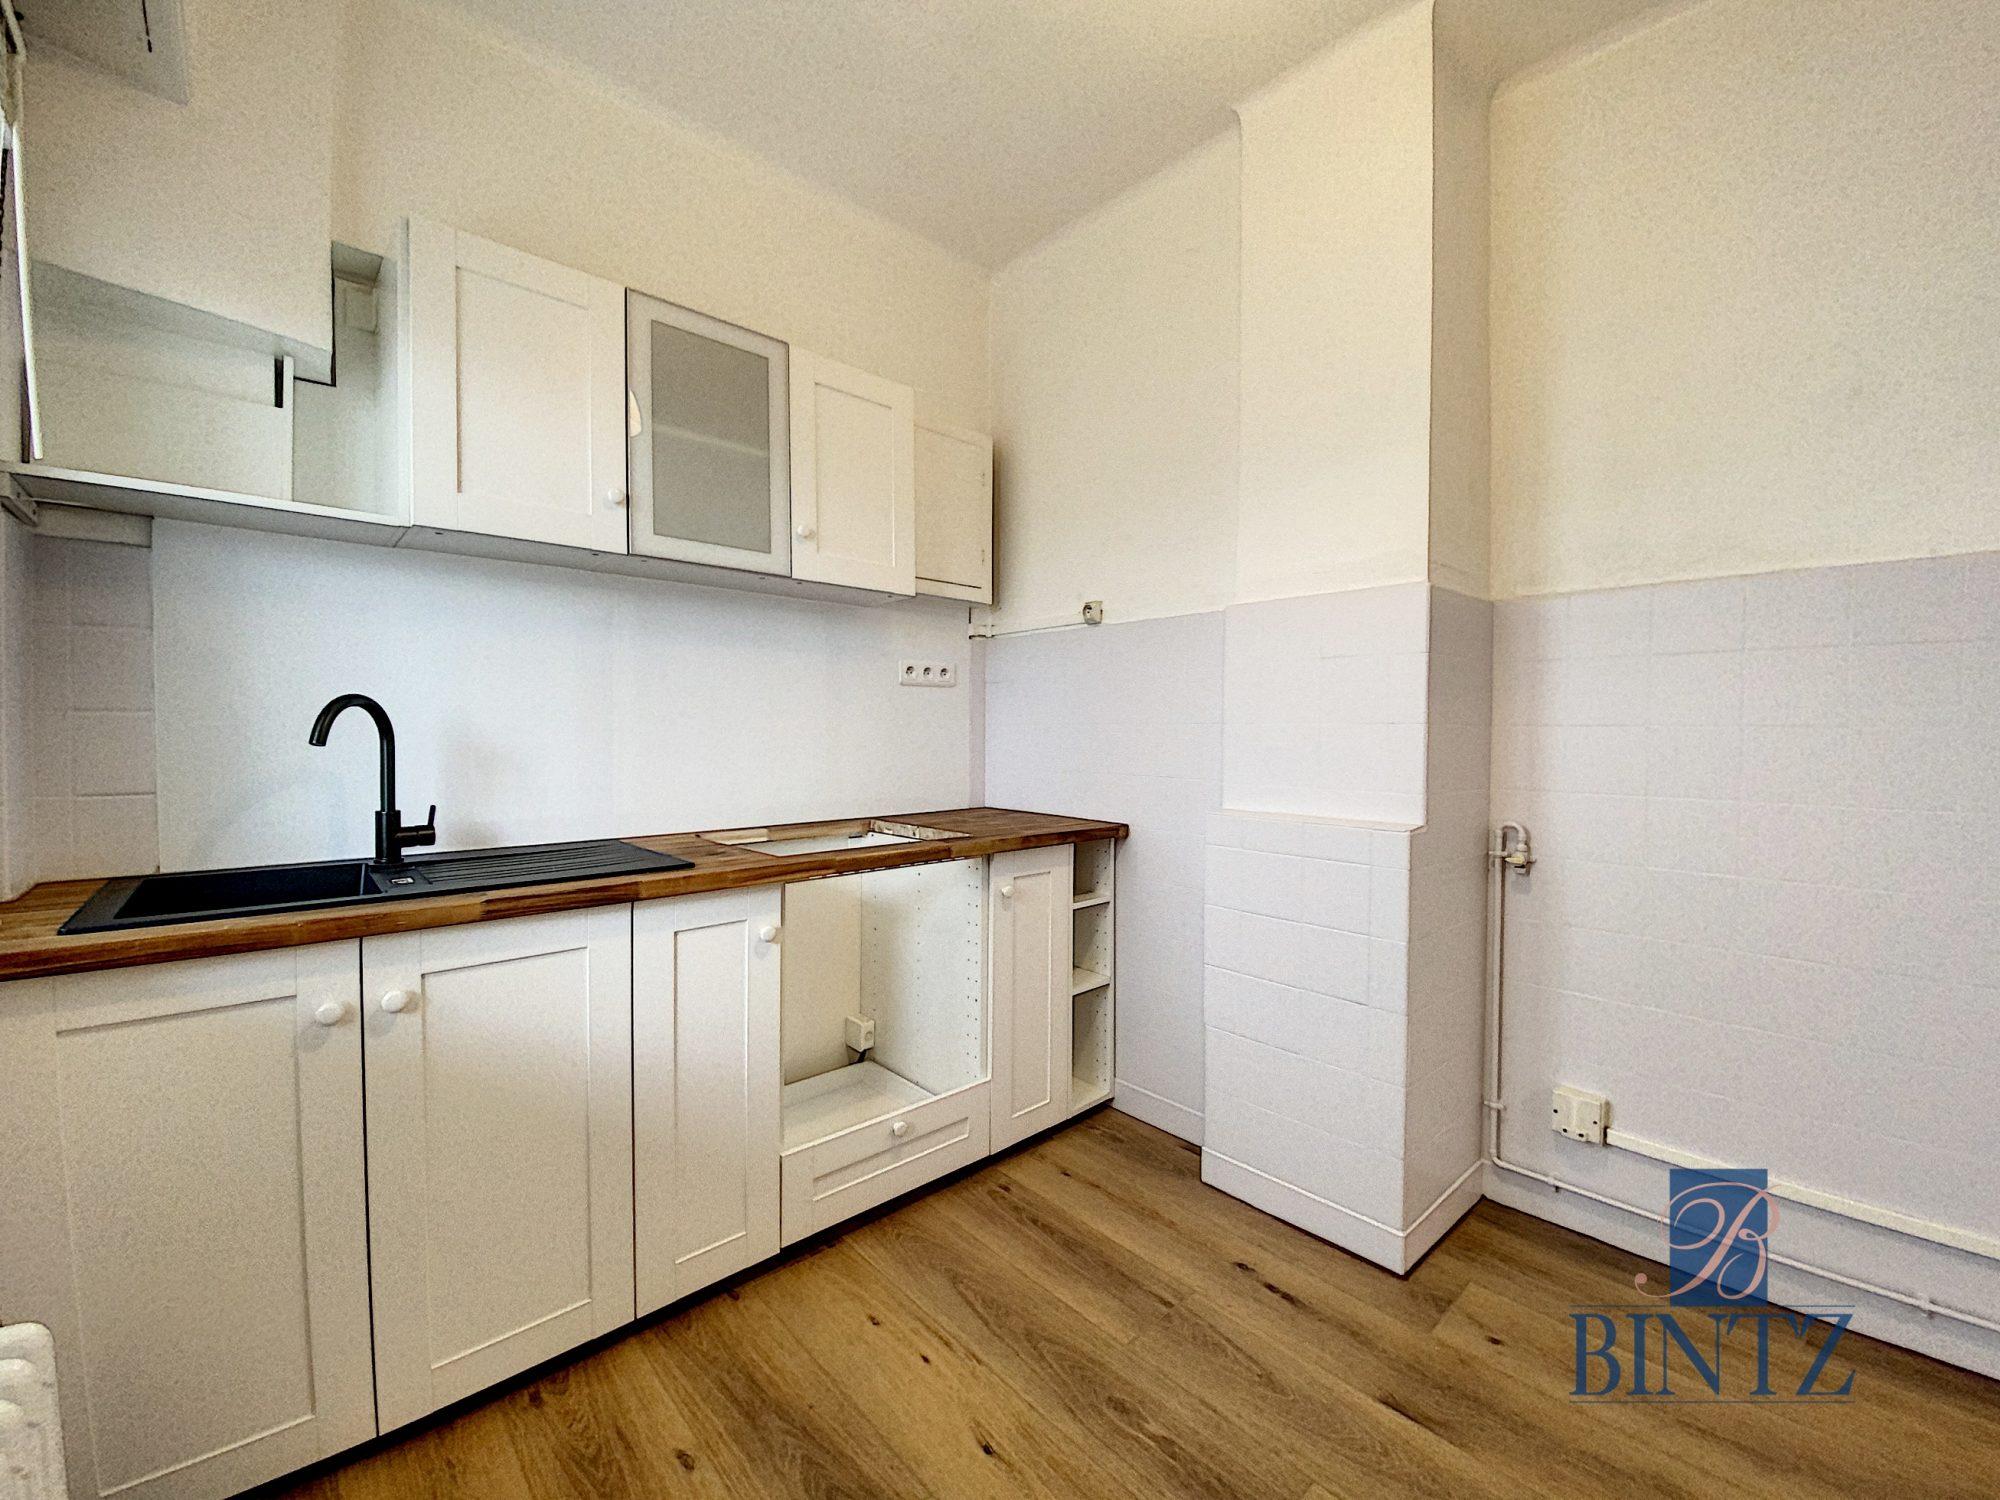 3P avec terrasse orangerie - Devenez locataire en toute sérénité - Bintz Immobilier - 12